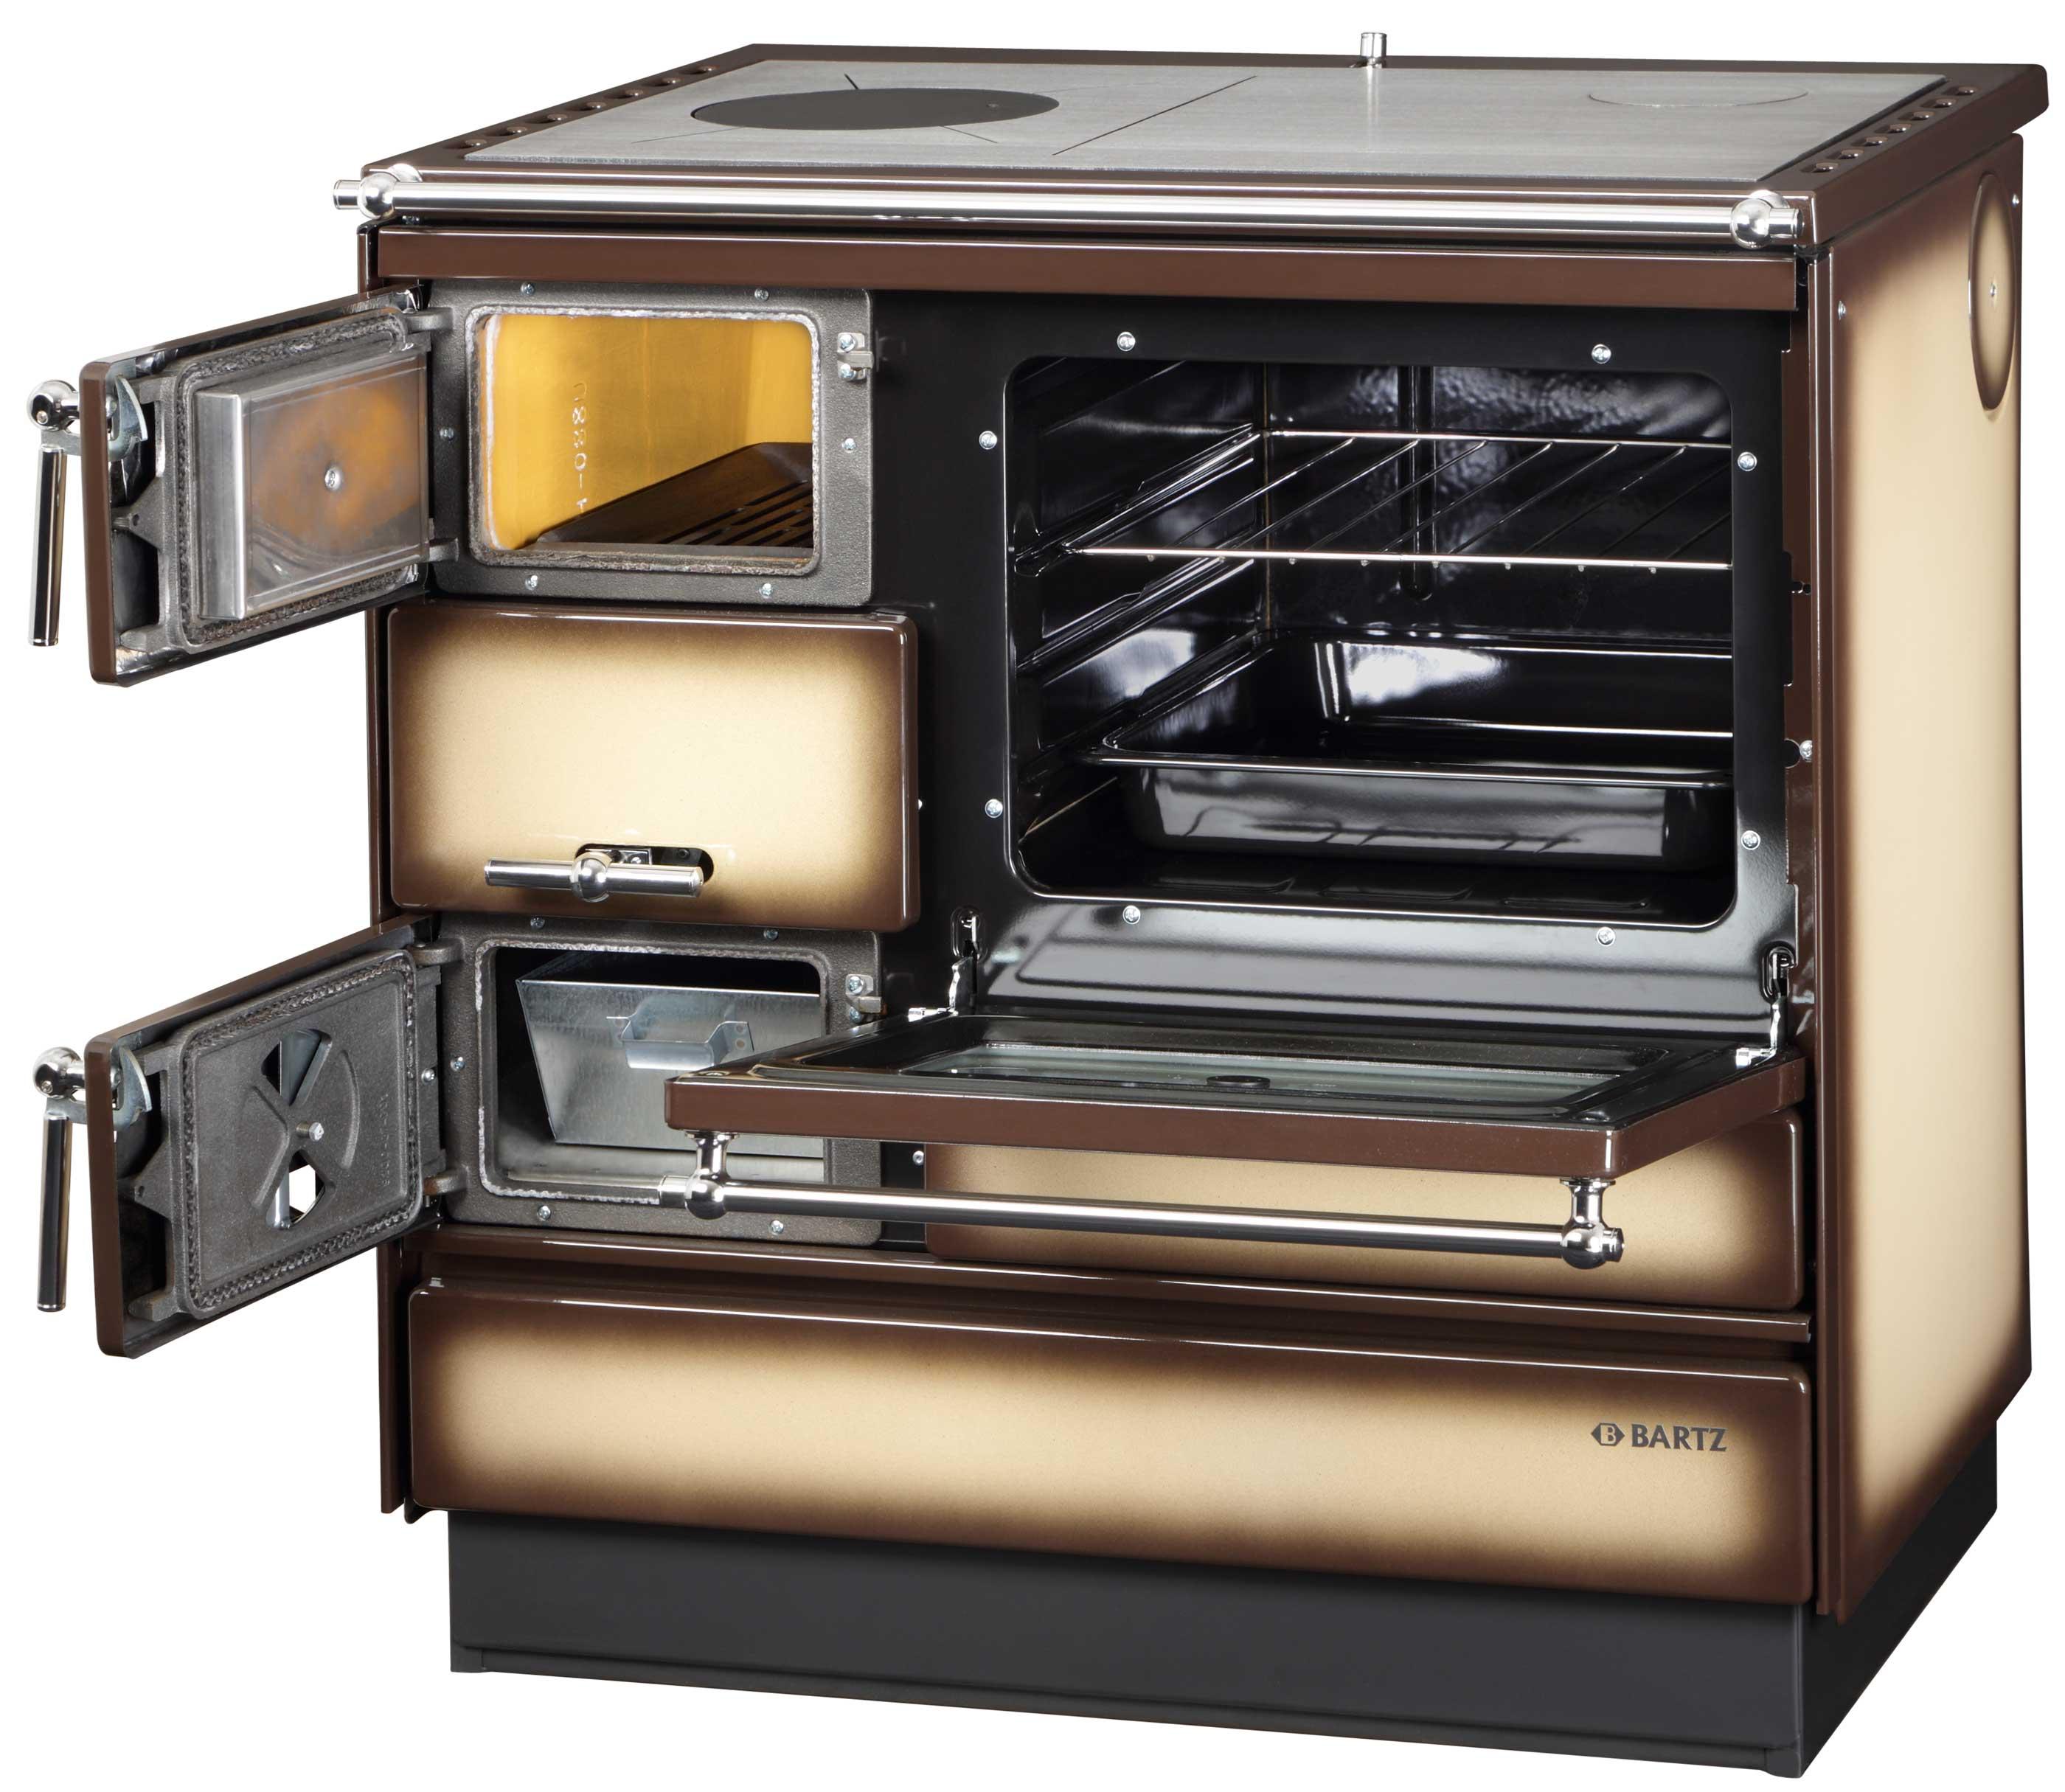 Küchenherd Holzherd Bartz HKK 80/60 Stahlplatte bordeaux Ans.links Bild 2